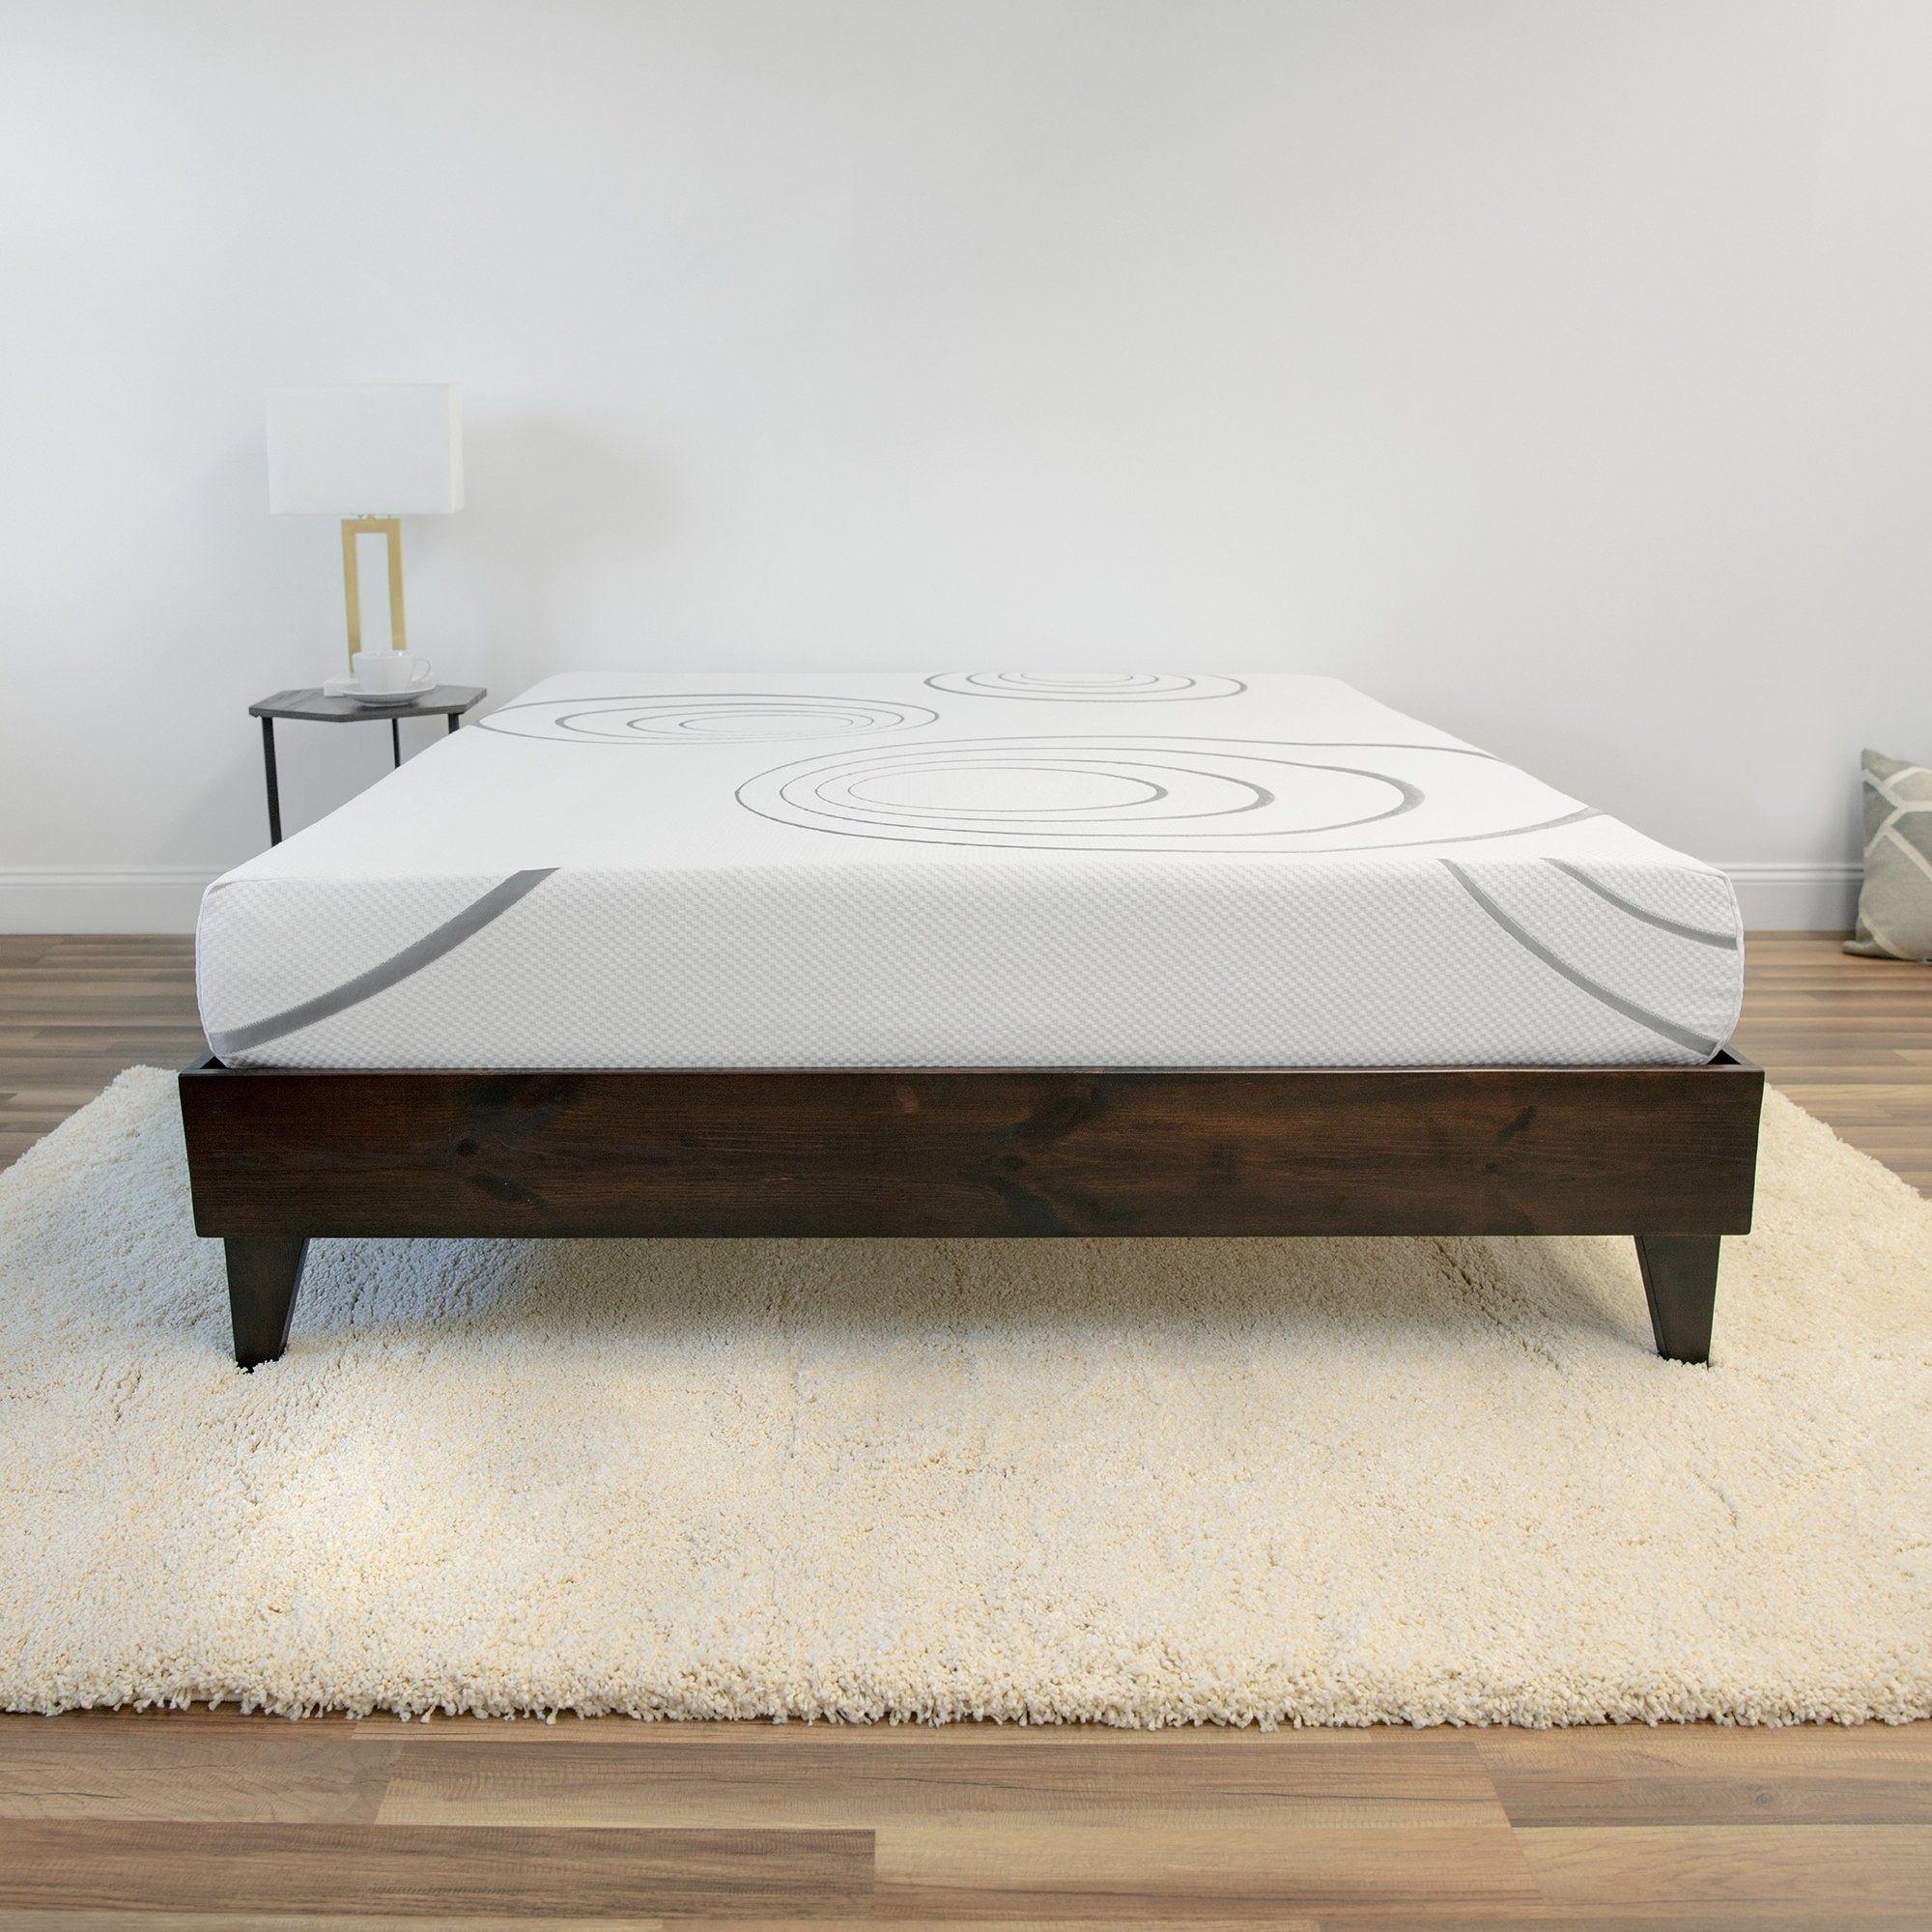 Sensorpedic 8 Inch Firm Dual Layer Memory Foam Mattress In A Box Foam Mattress Mattress Bedroom Furniture Stores